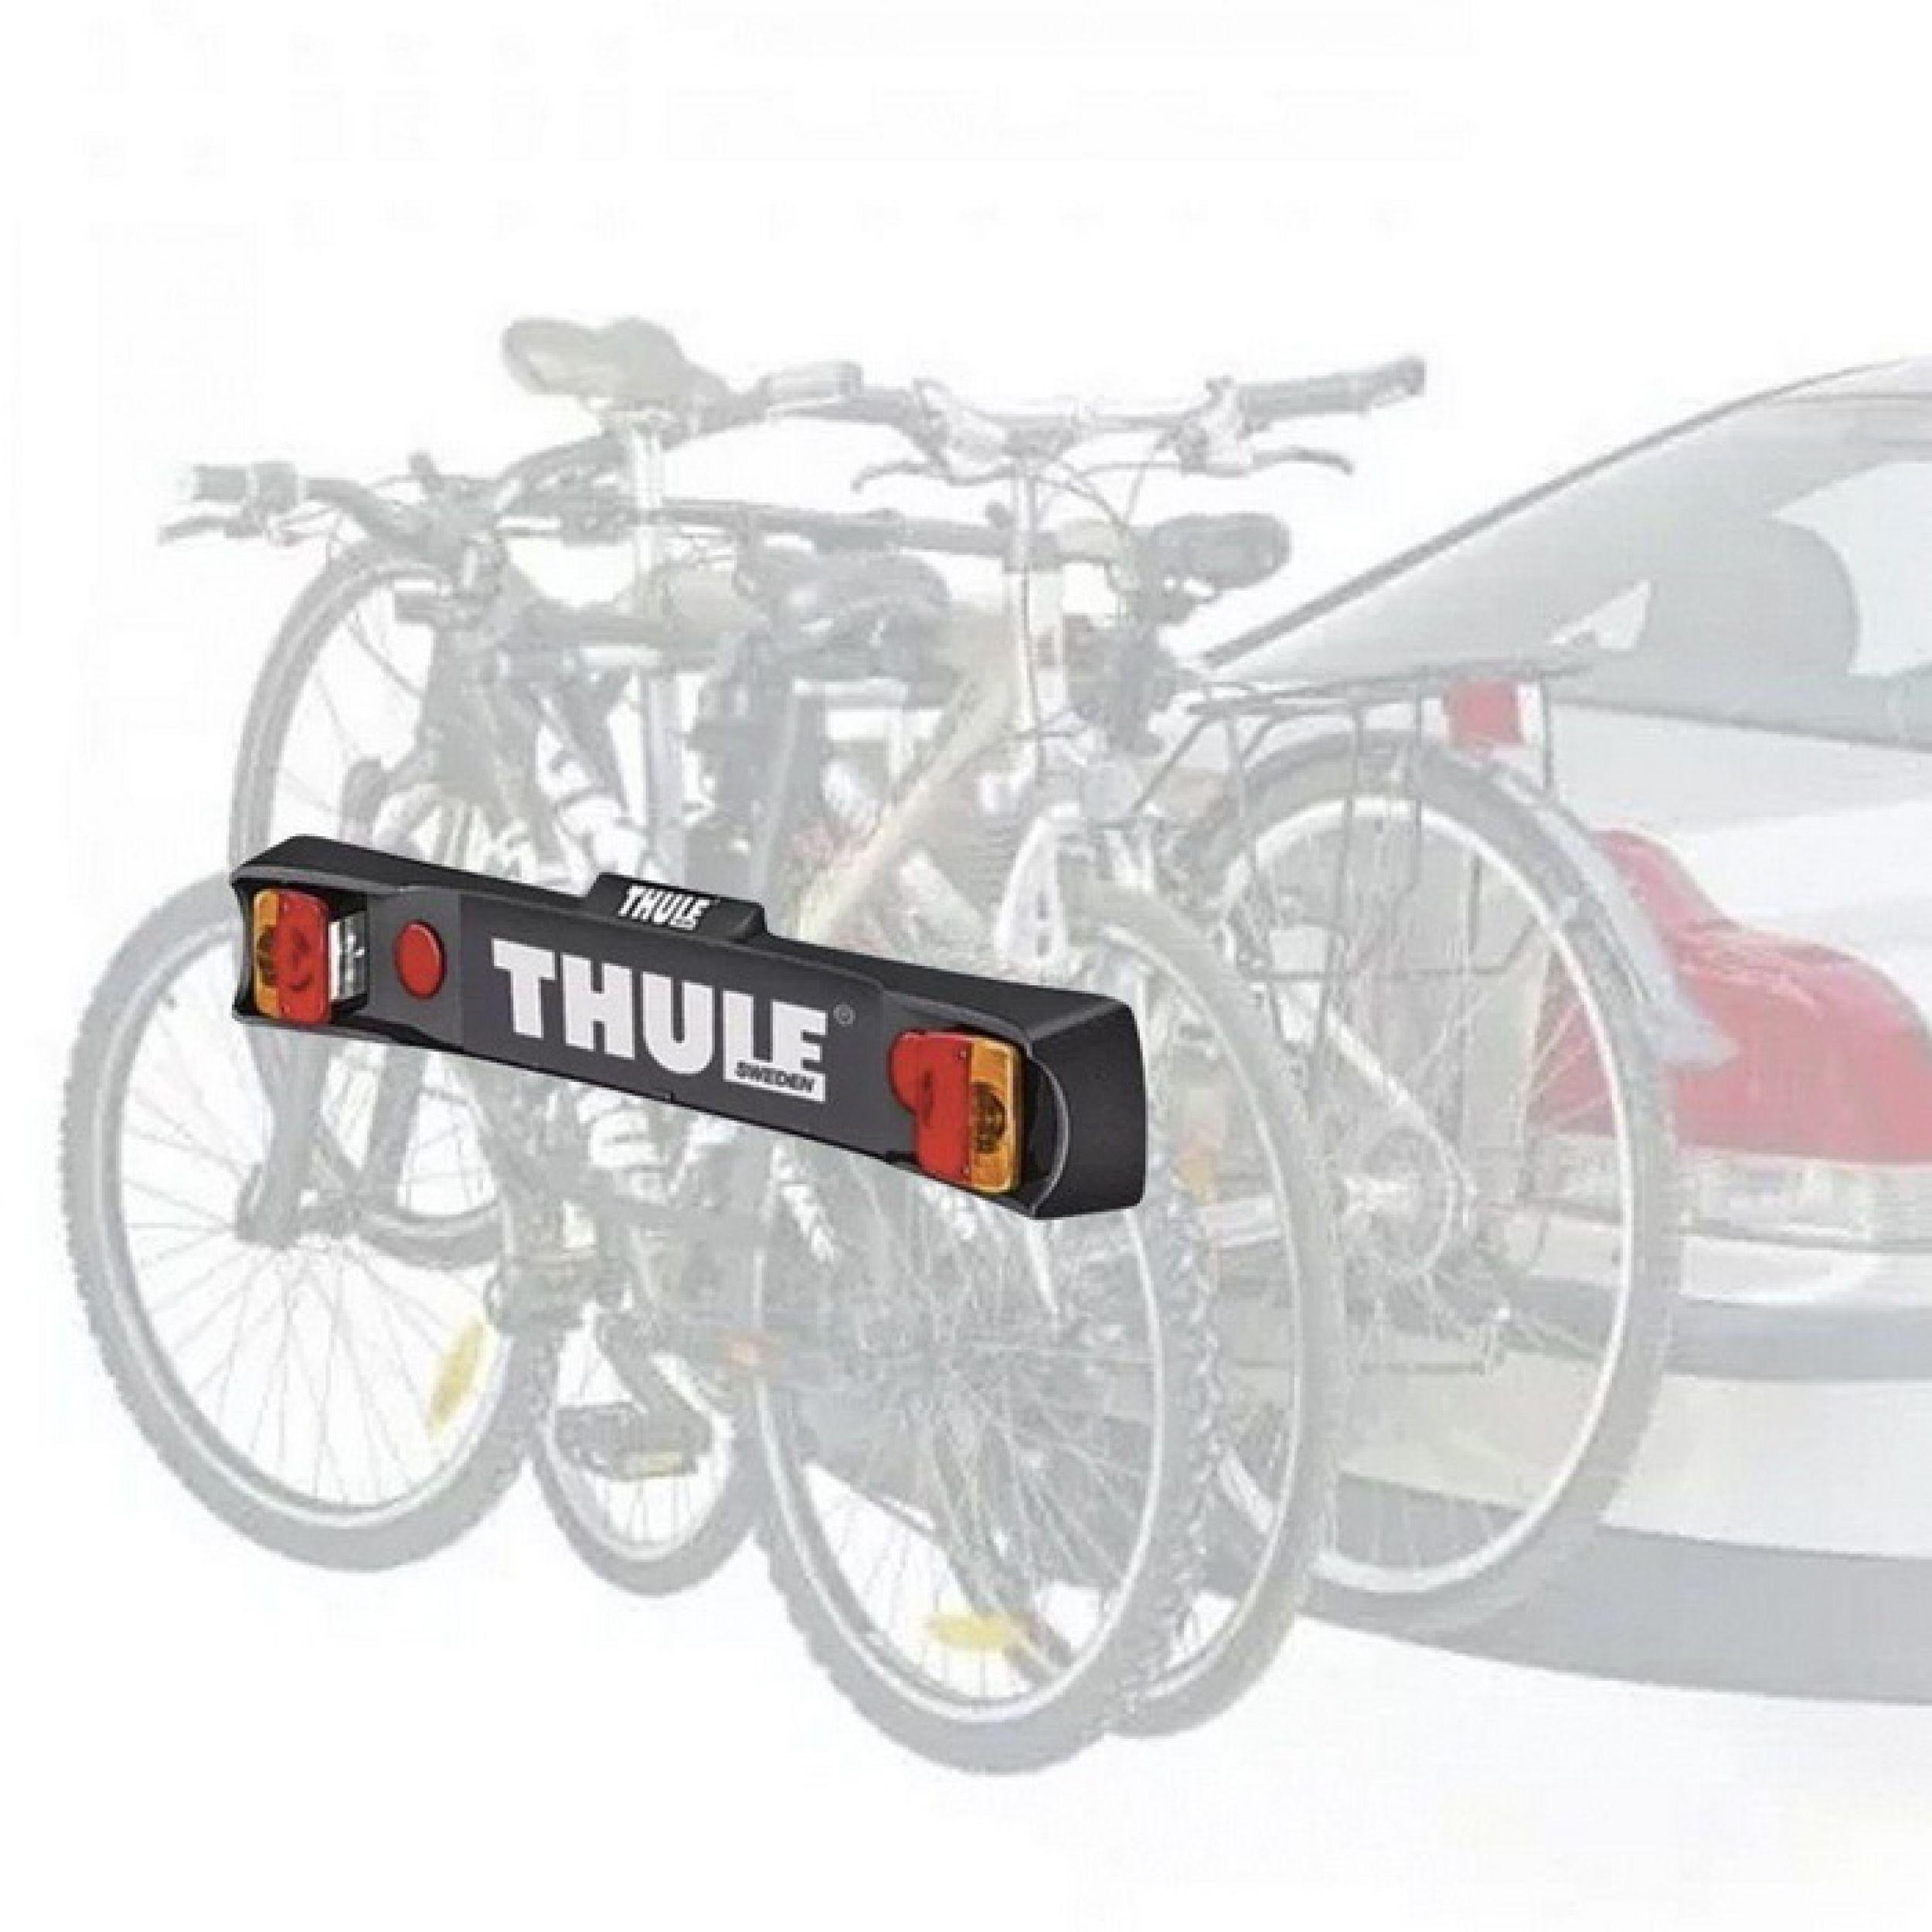 placa_de_luzes_para_suporte_de_bicicleta_traseiro_thule_976_6538_1_20190226123702.jpg